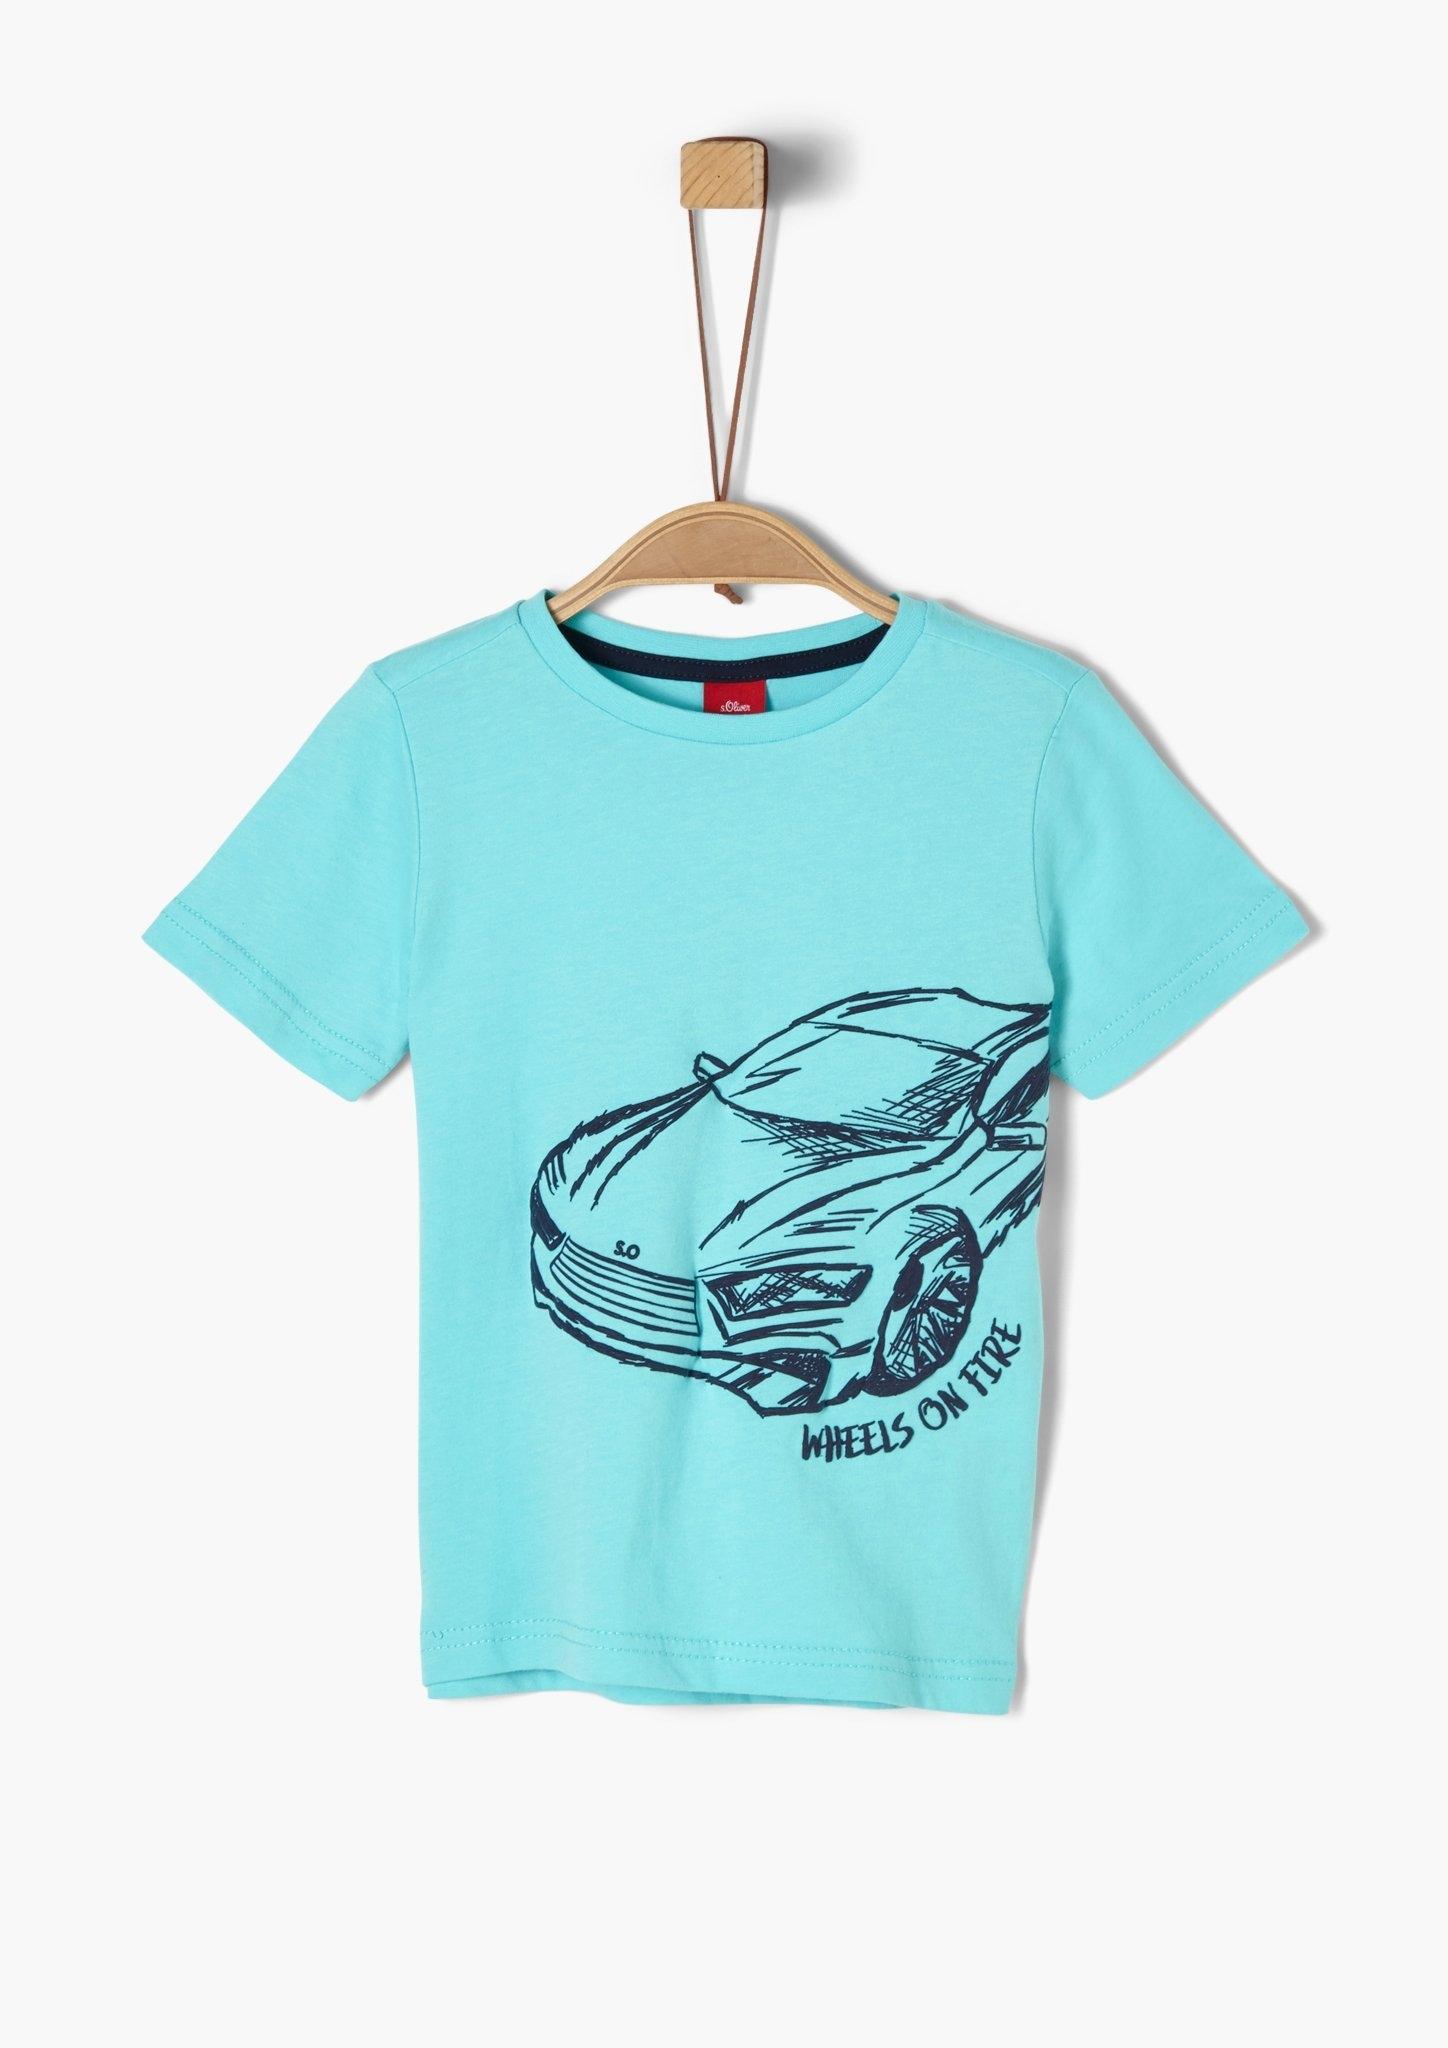 s.Oliver s.Oliver basic jersey shirt bij OTTO online kopen